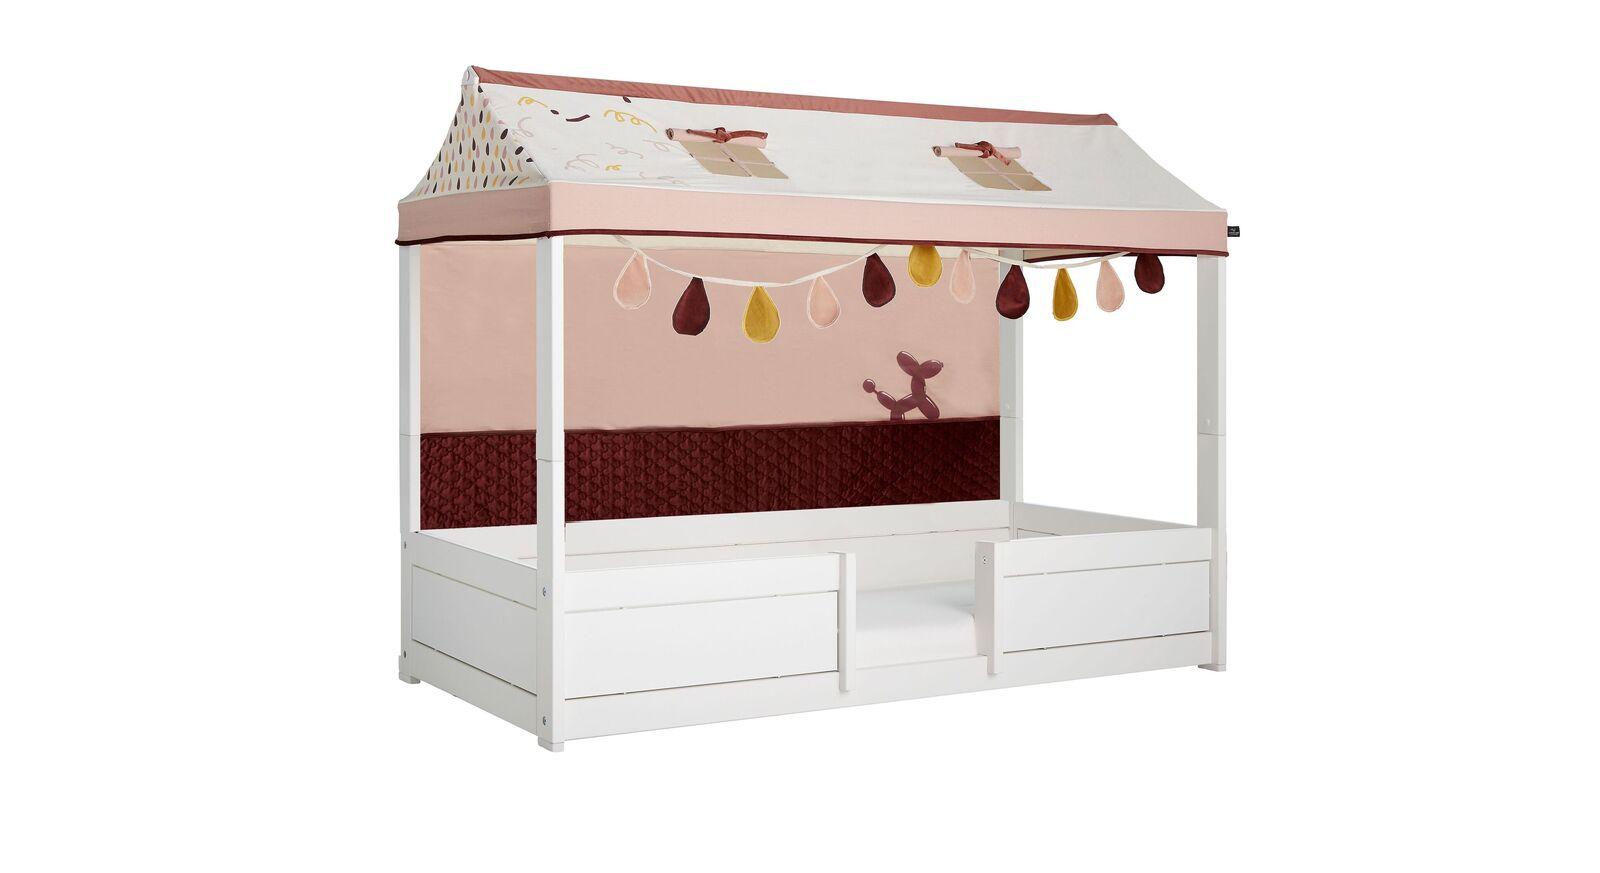 LIFETIME Kinderbett 4-in-1 Funland mit Stoffdach